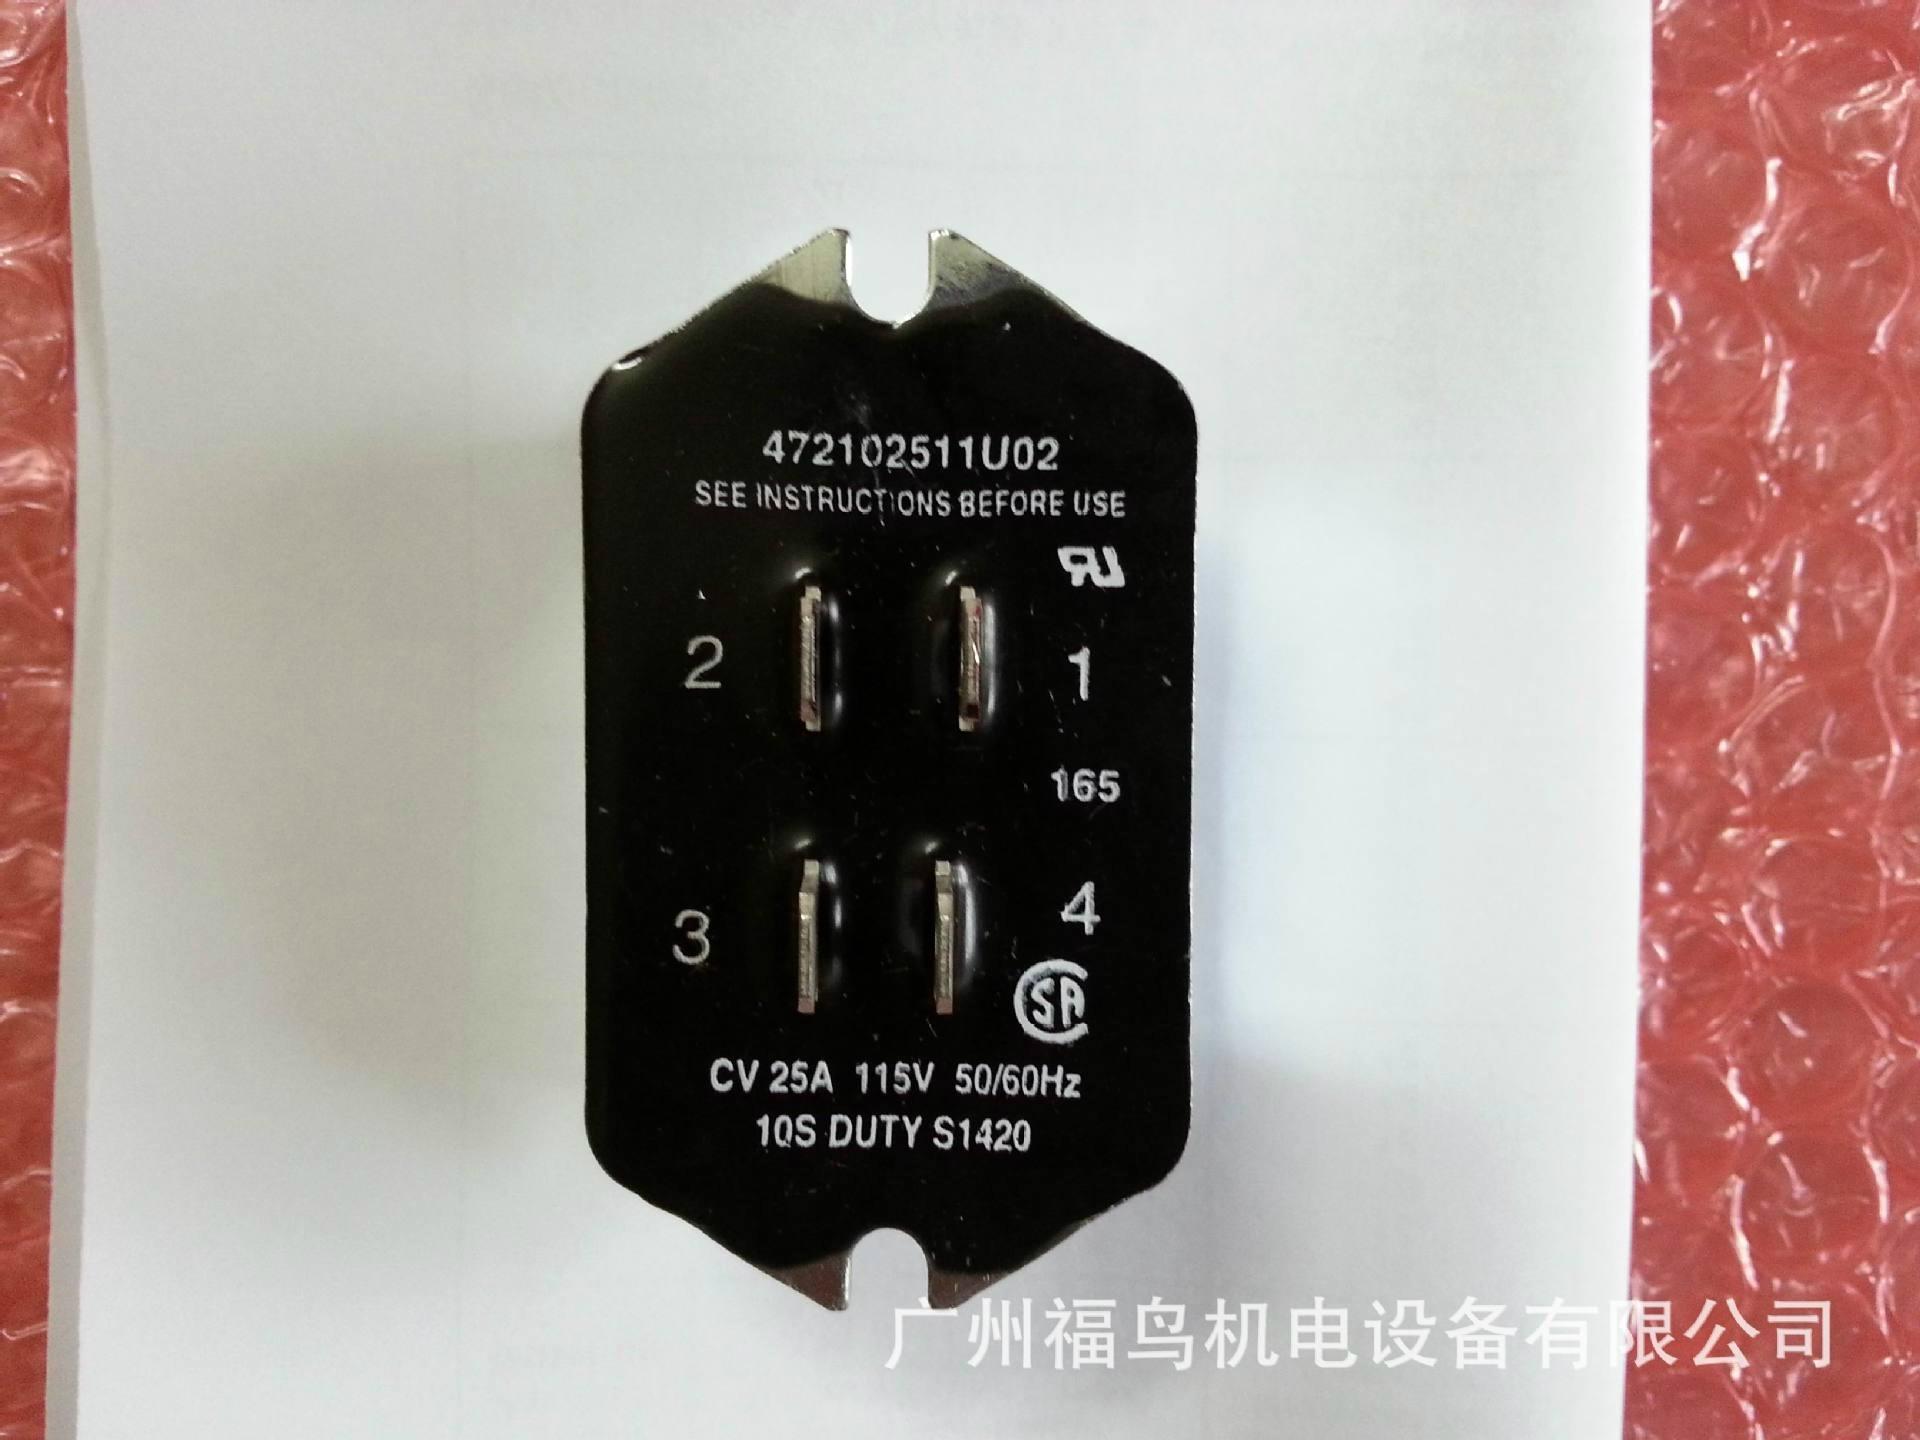 STEARNS SINPAC啟動器, 型號: 472102511U02